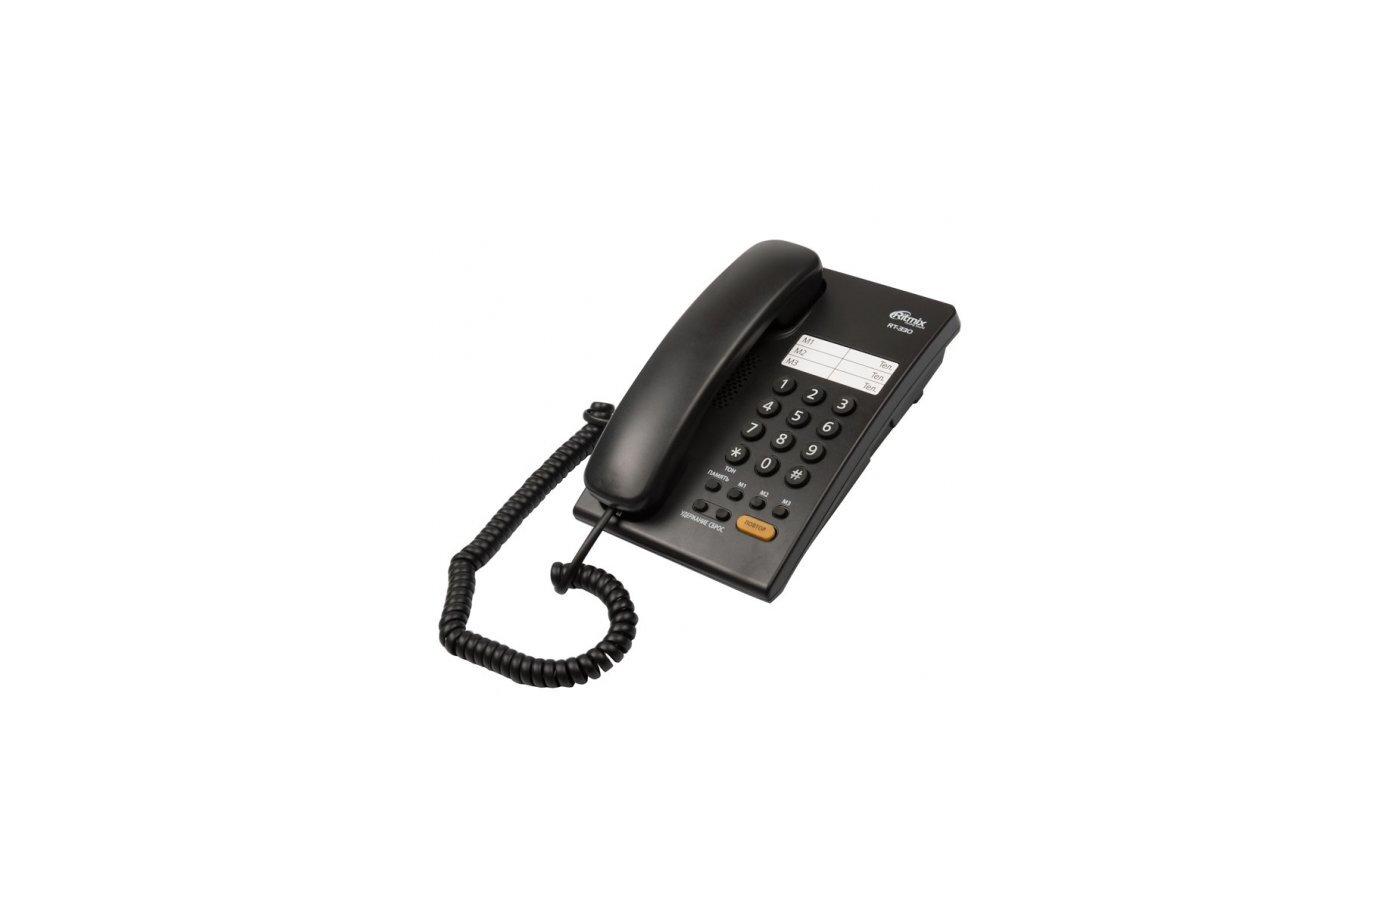 телефон ritmix rt-330, чёрный